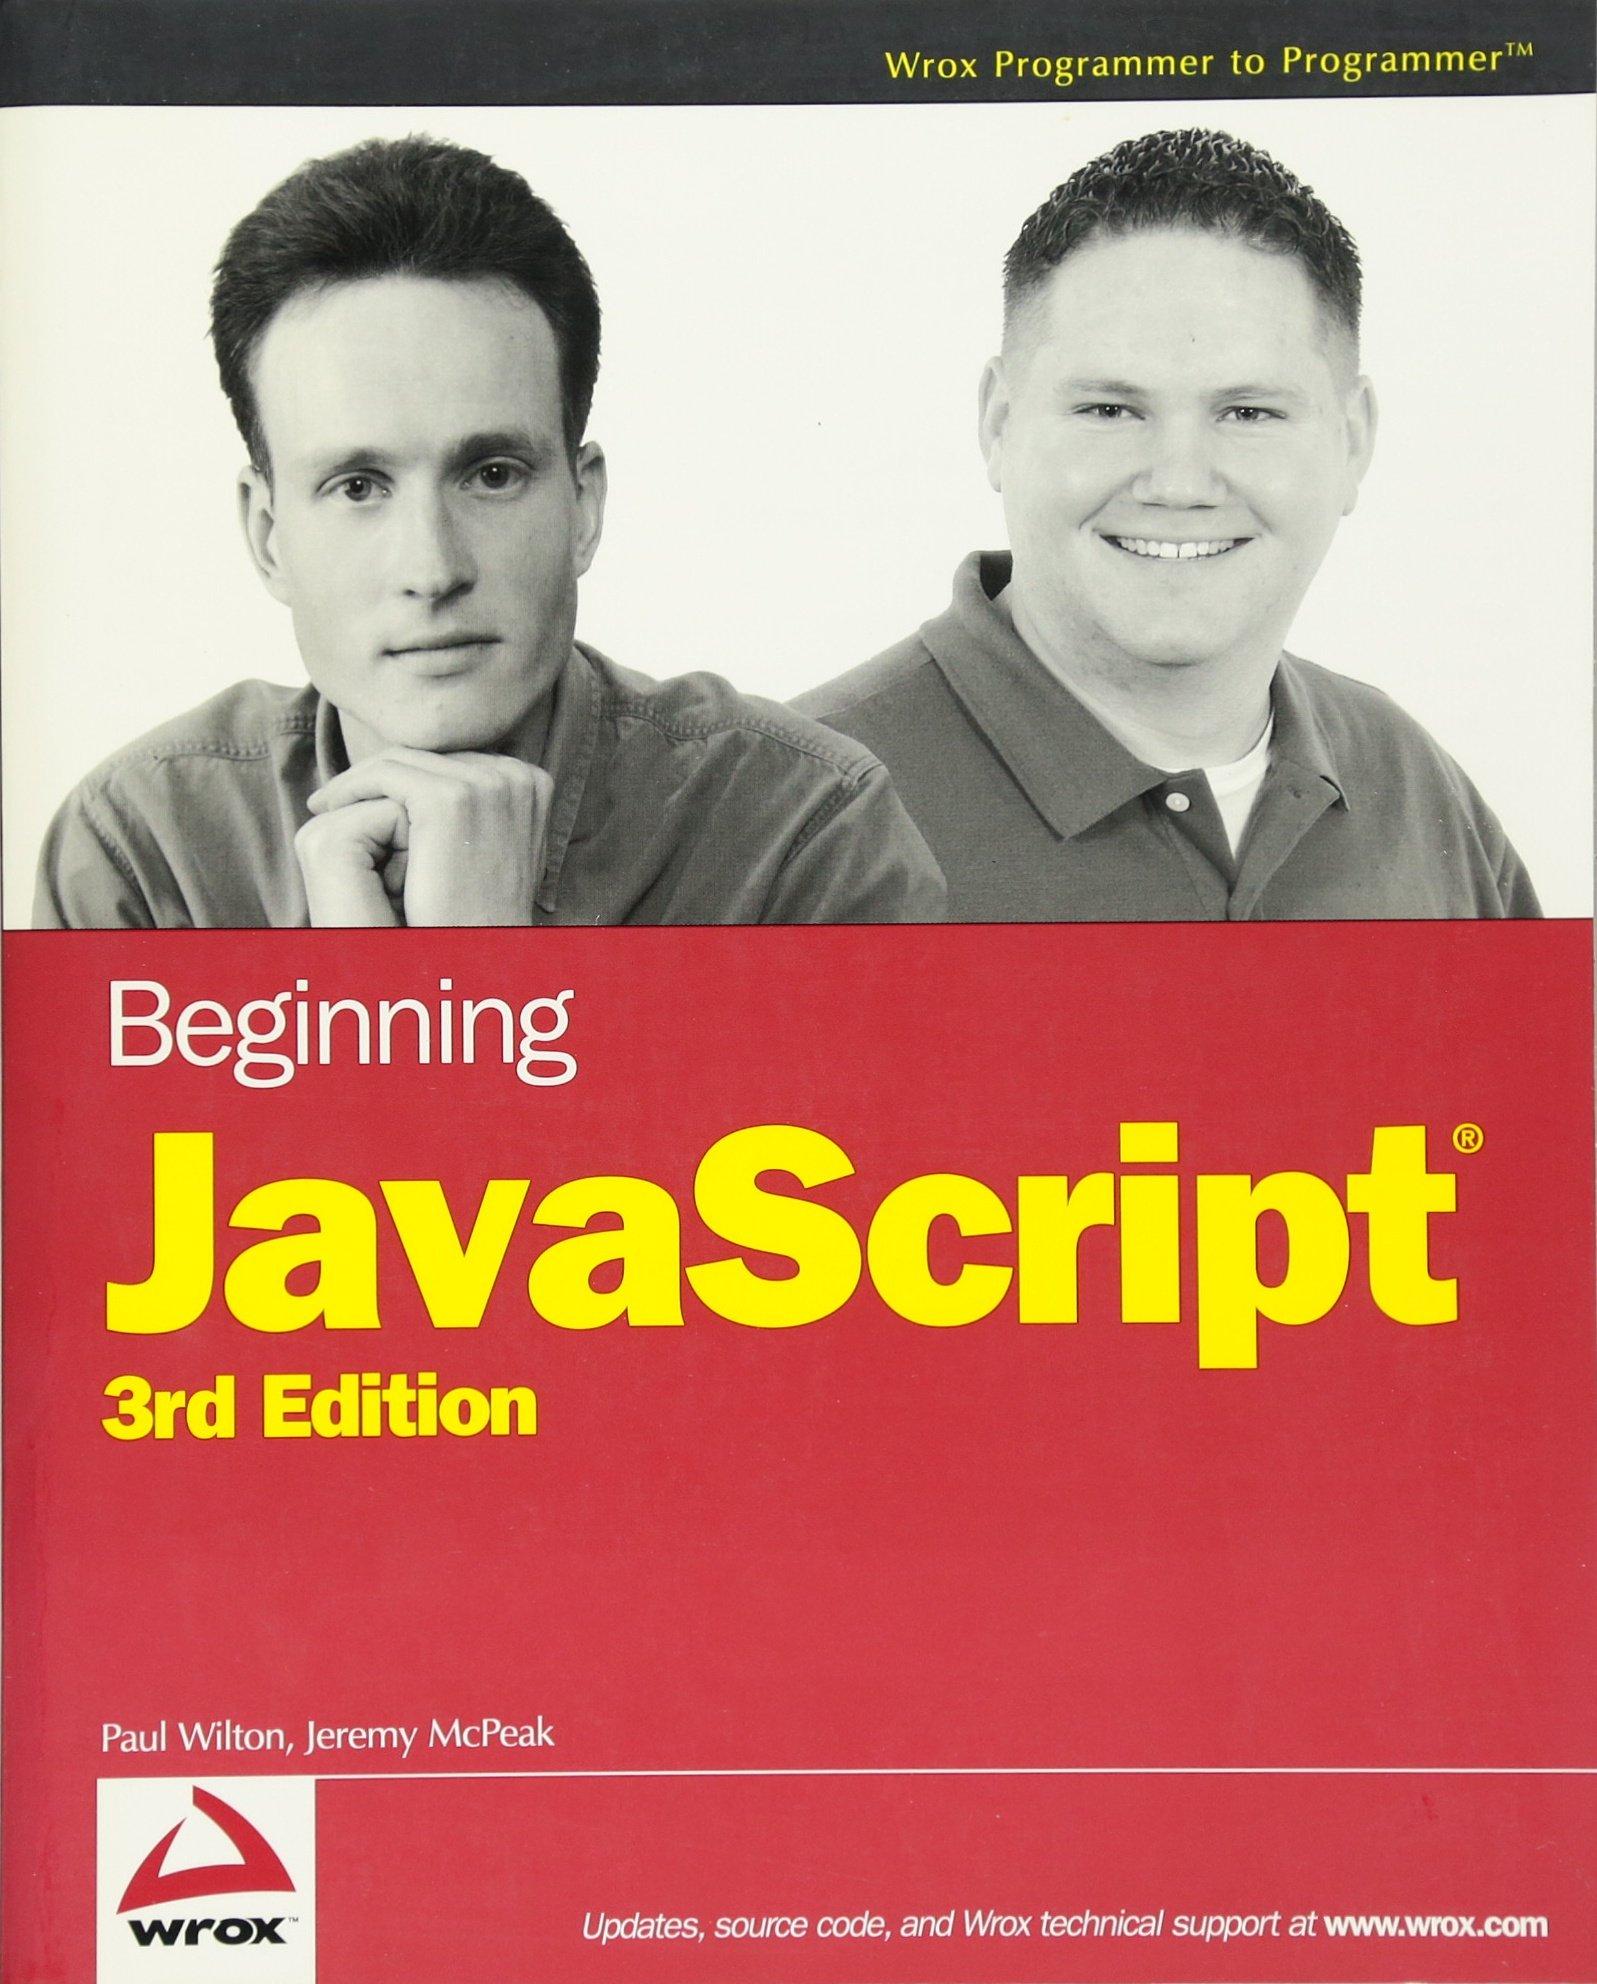 Beginning JavaScript, 3rd Edition (Programmer to Programmer)